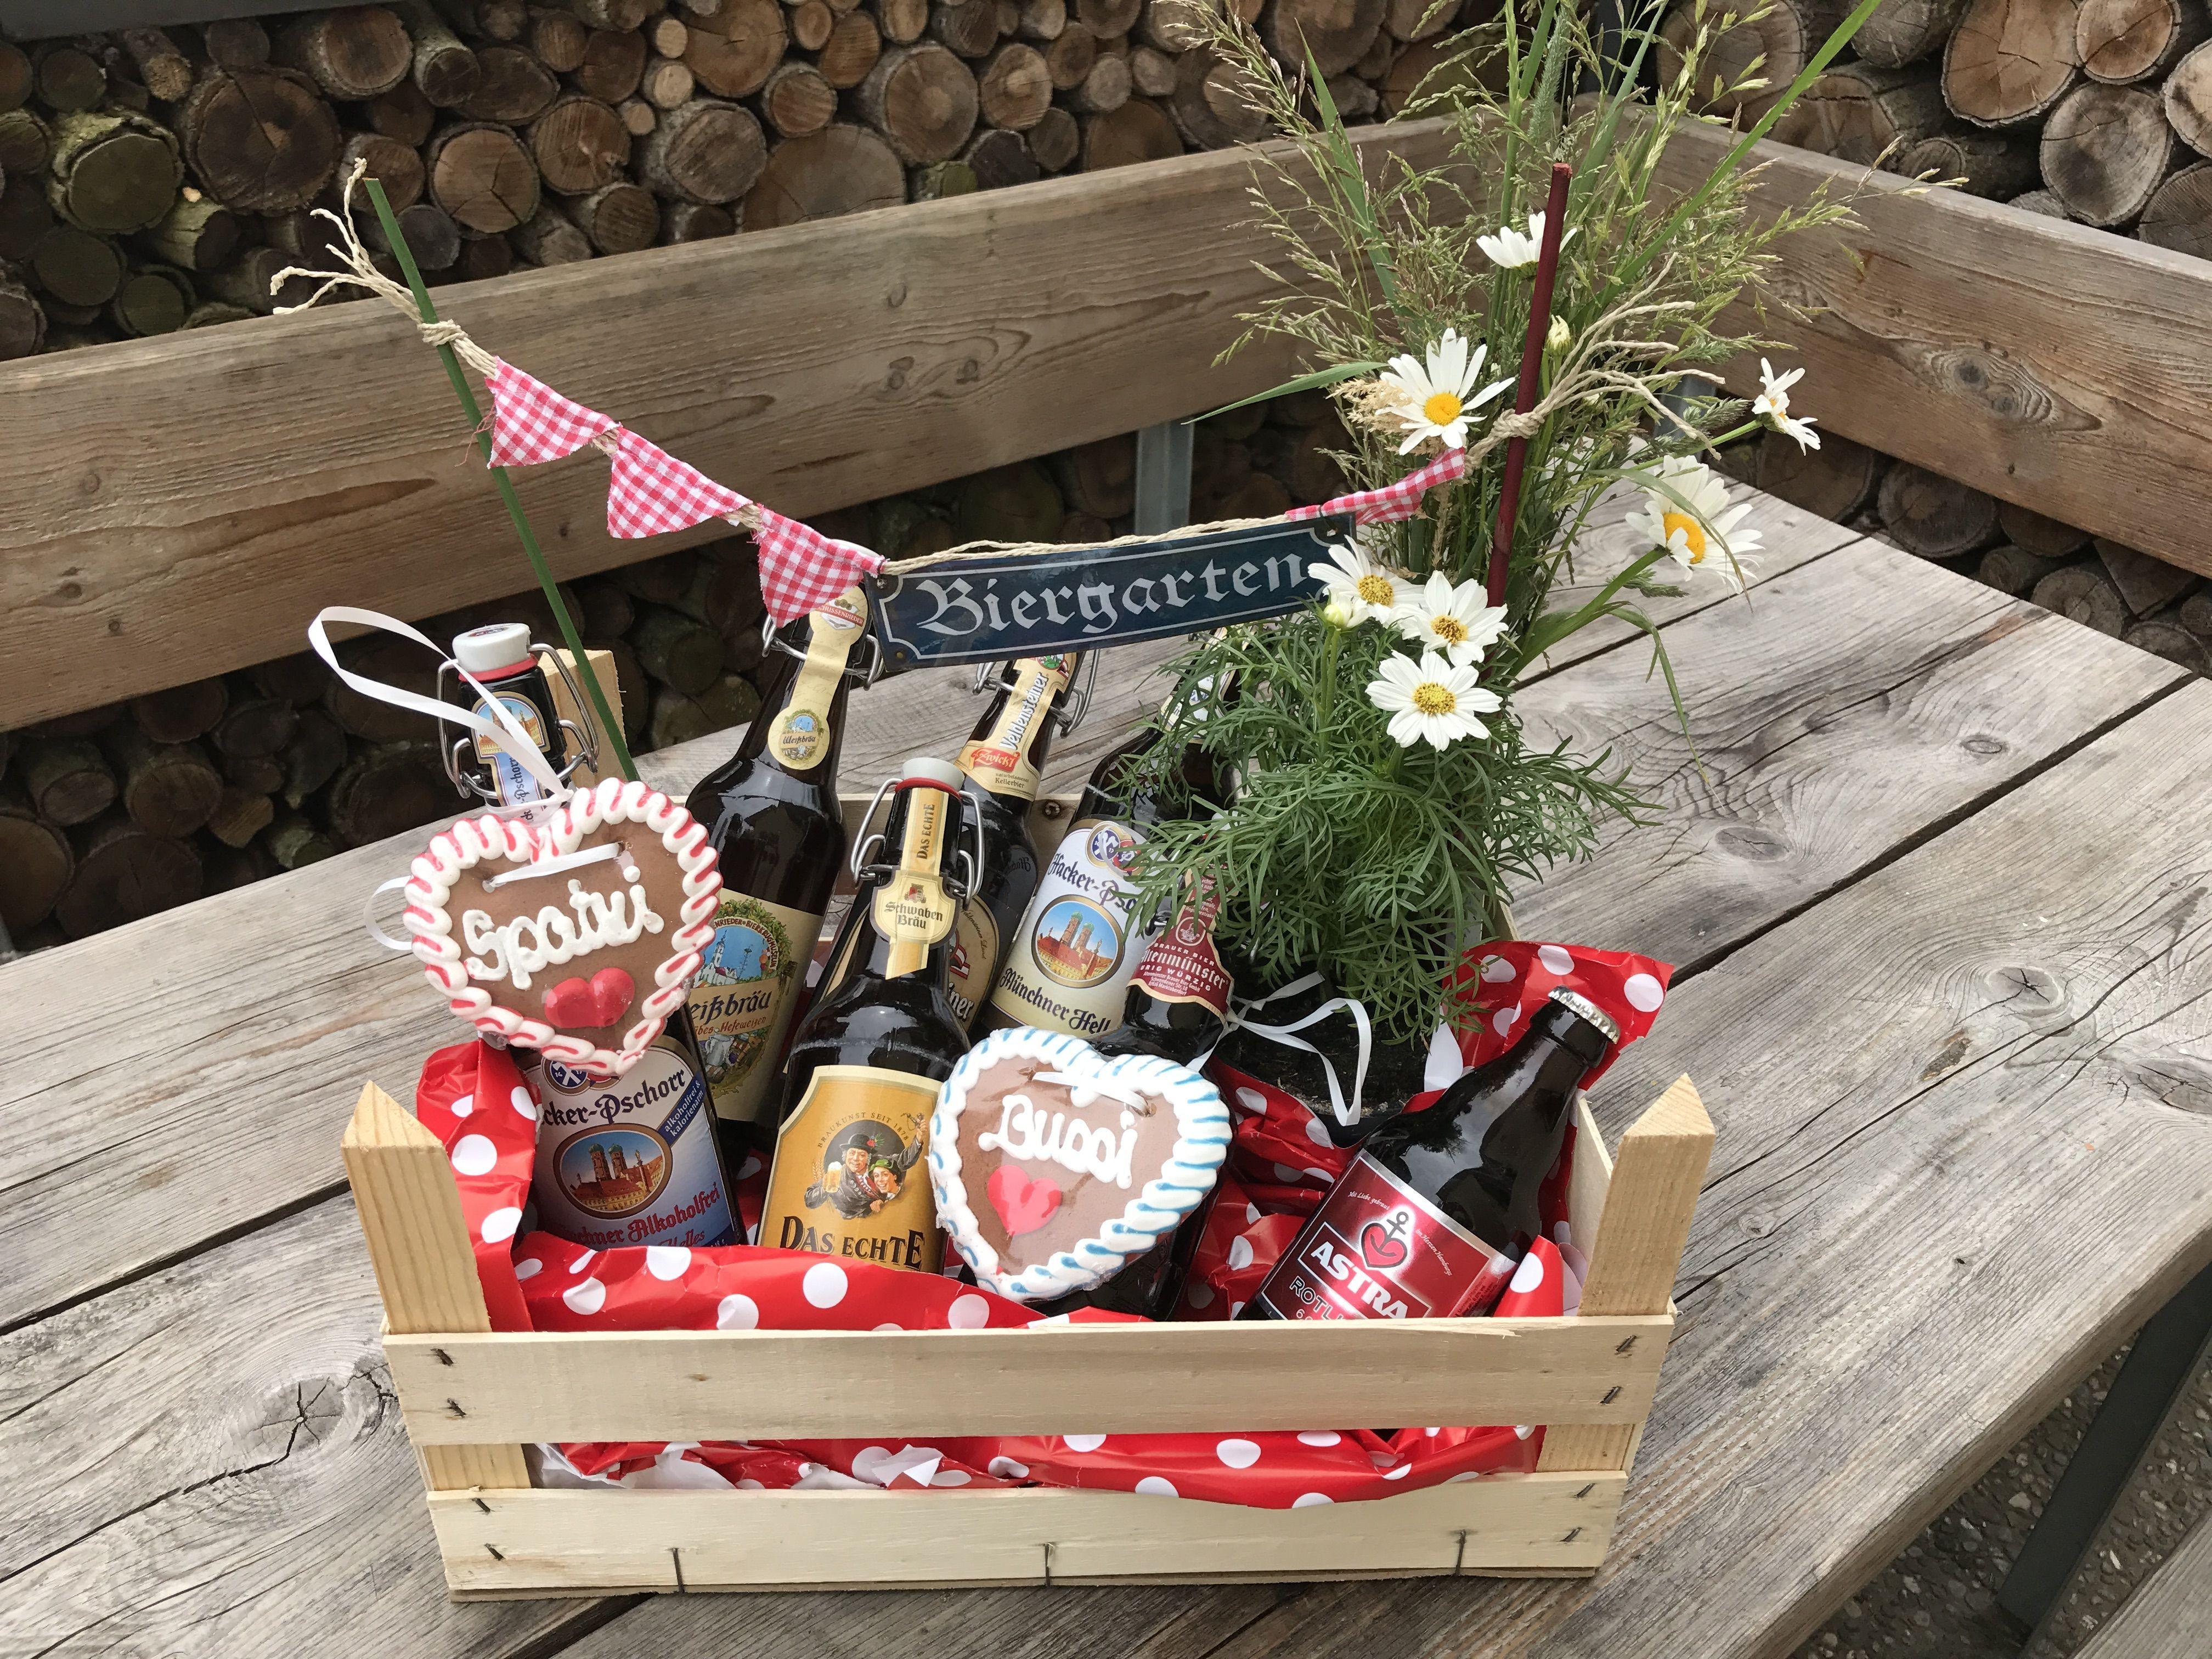 Geburtstagsgeschenk Schwiegermutter  Bildergebnis für geschenke korb biergarten